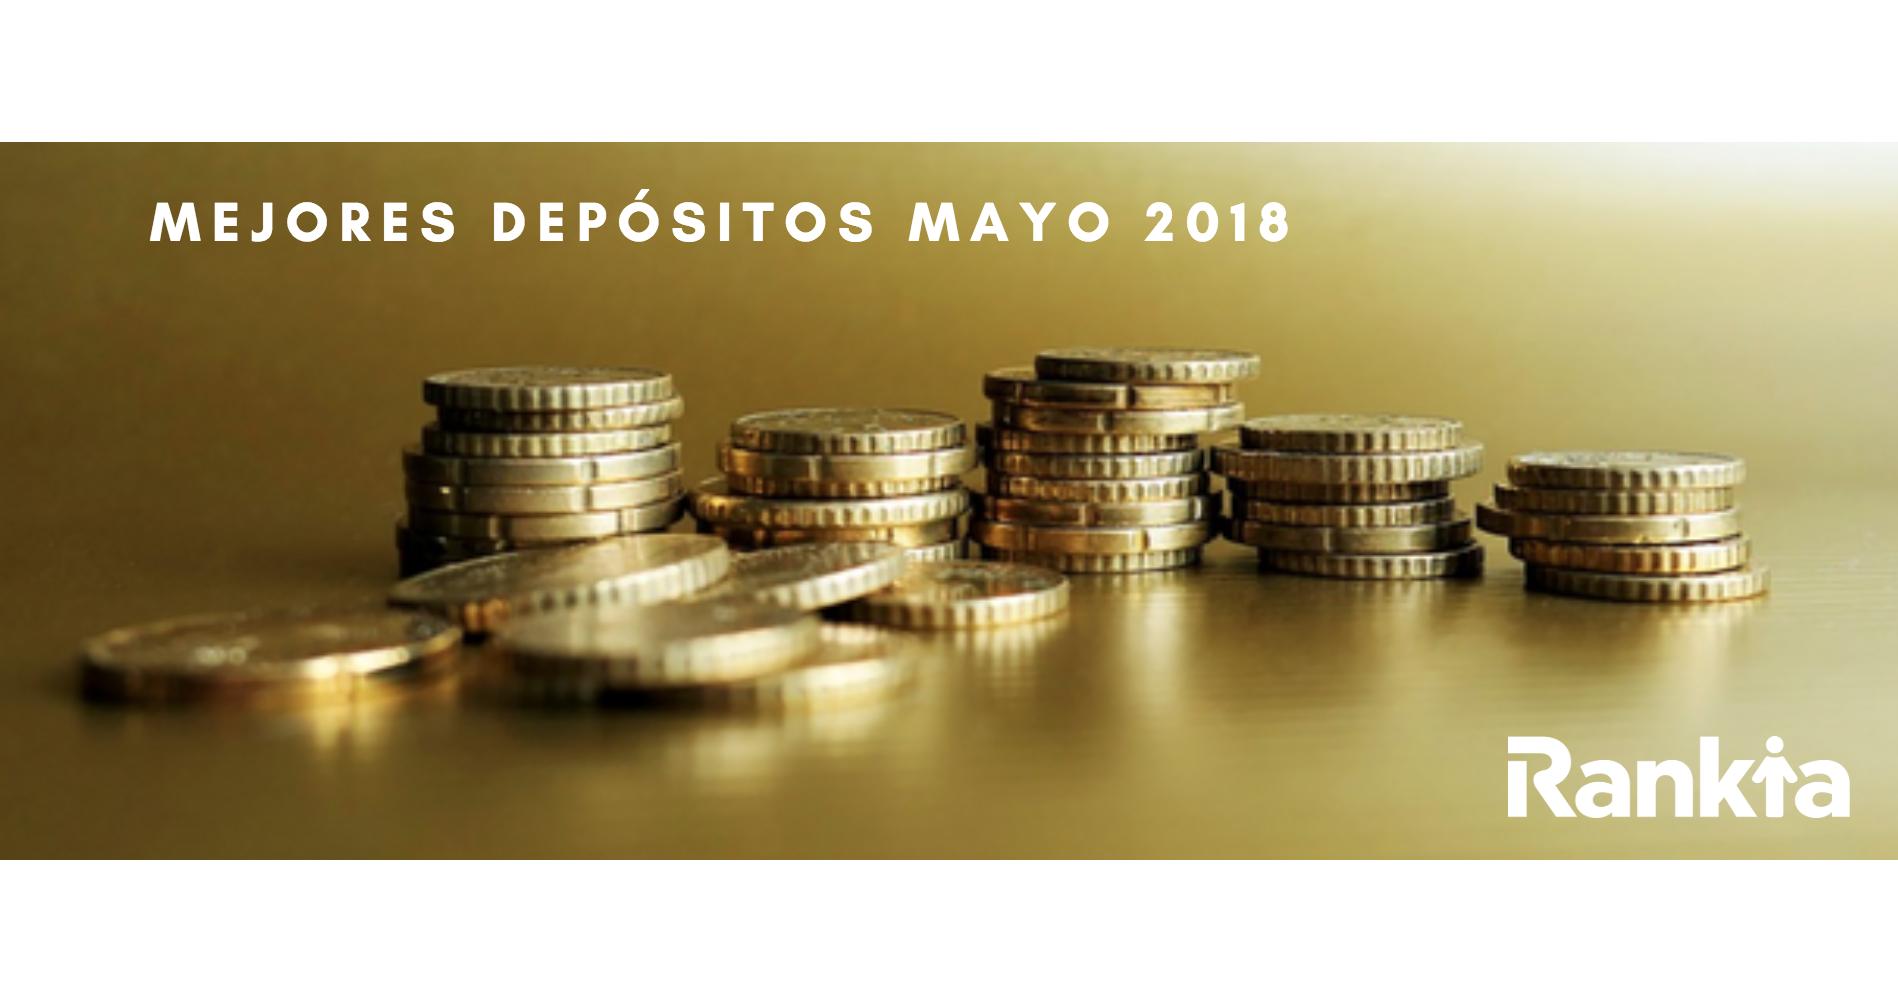 Mejores depósitos mayo 2018